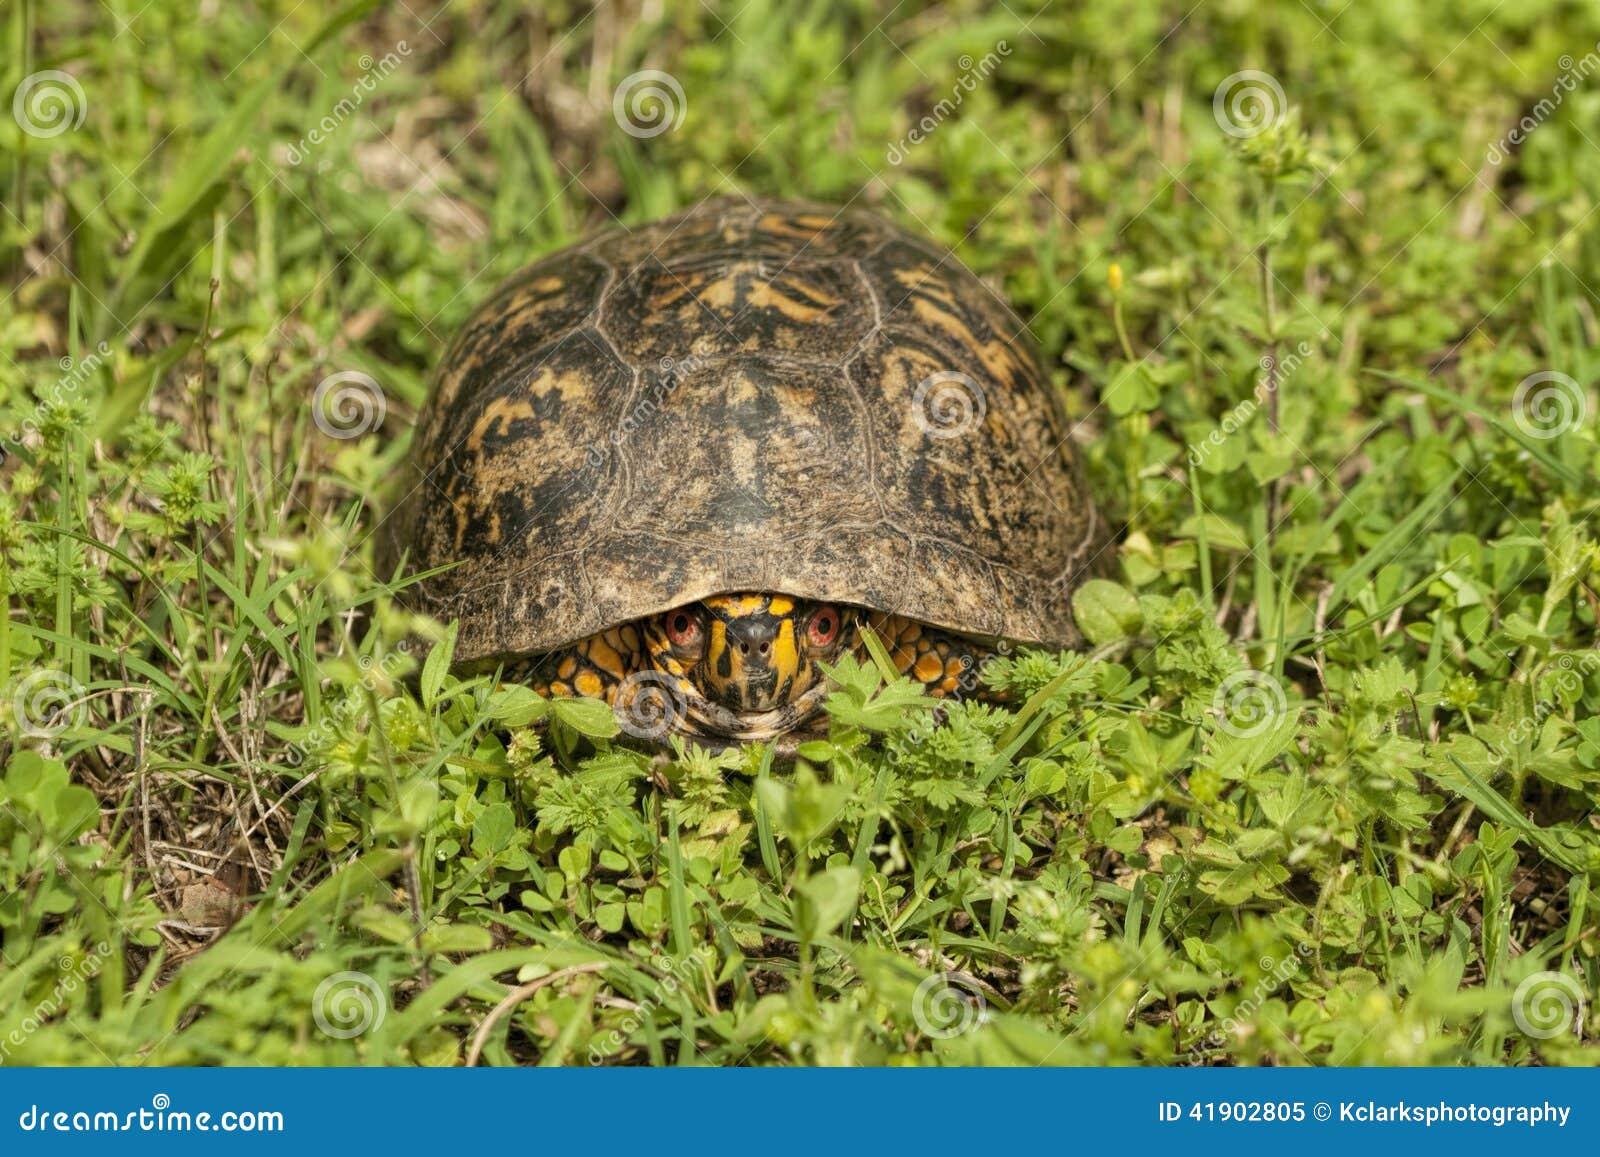 Męska rewolucjonistka Przyglądał się Pudełkowatego żółwia - Terrapene Carolina